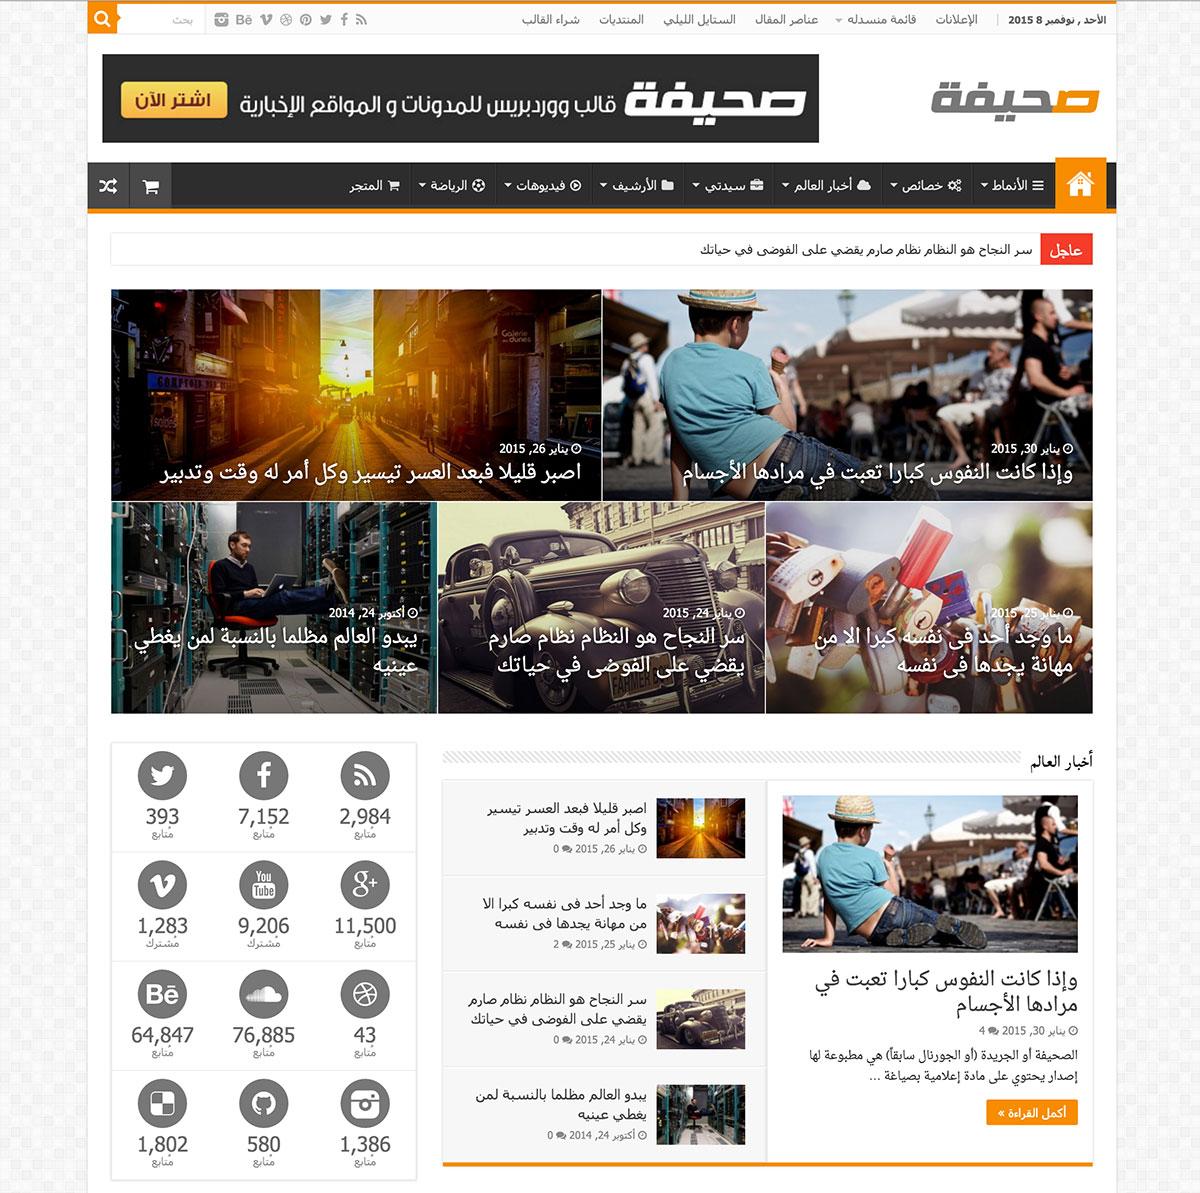 تحميل اخر اصدار من قالب صحيفة الإخباري وردبريس الذي حقق نجاح عالمي بأيدي عربية